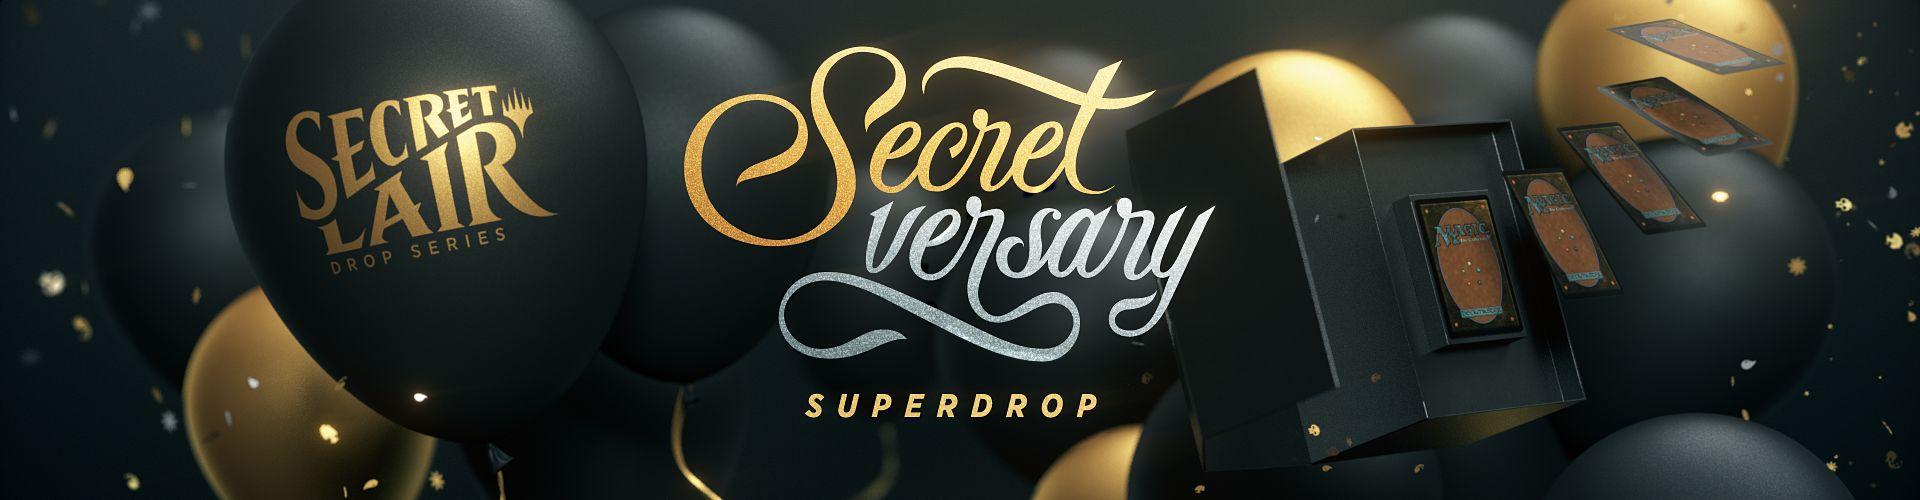 Magic lancia il Secret Lair dal nome Secretversary 2020 thumbnail